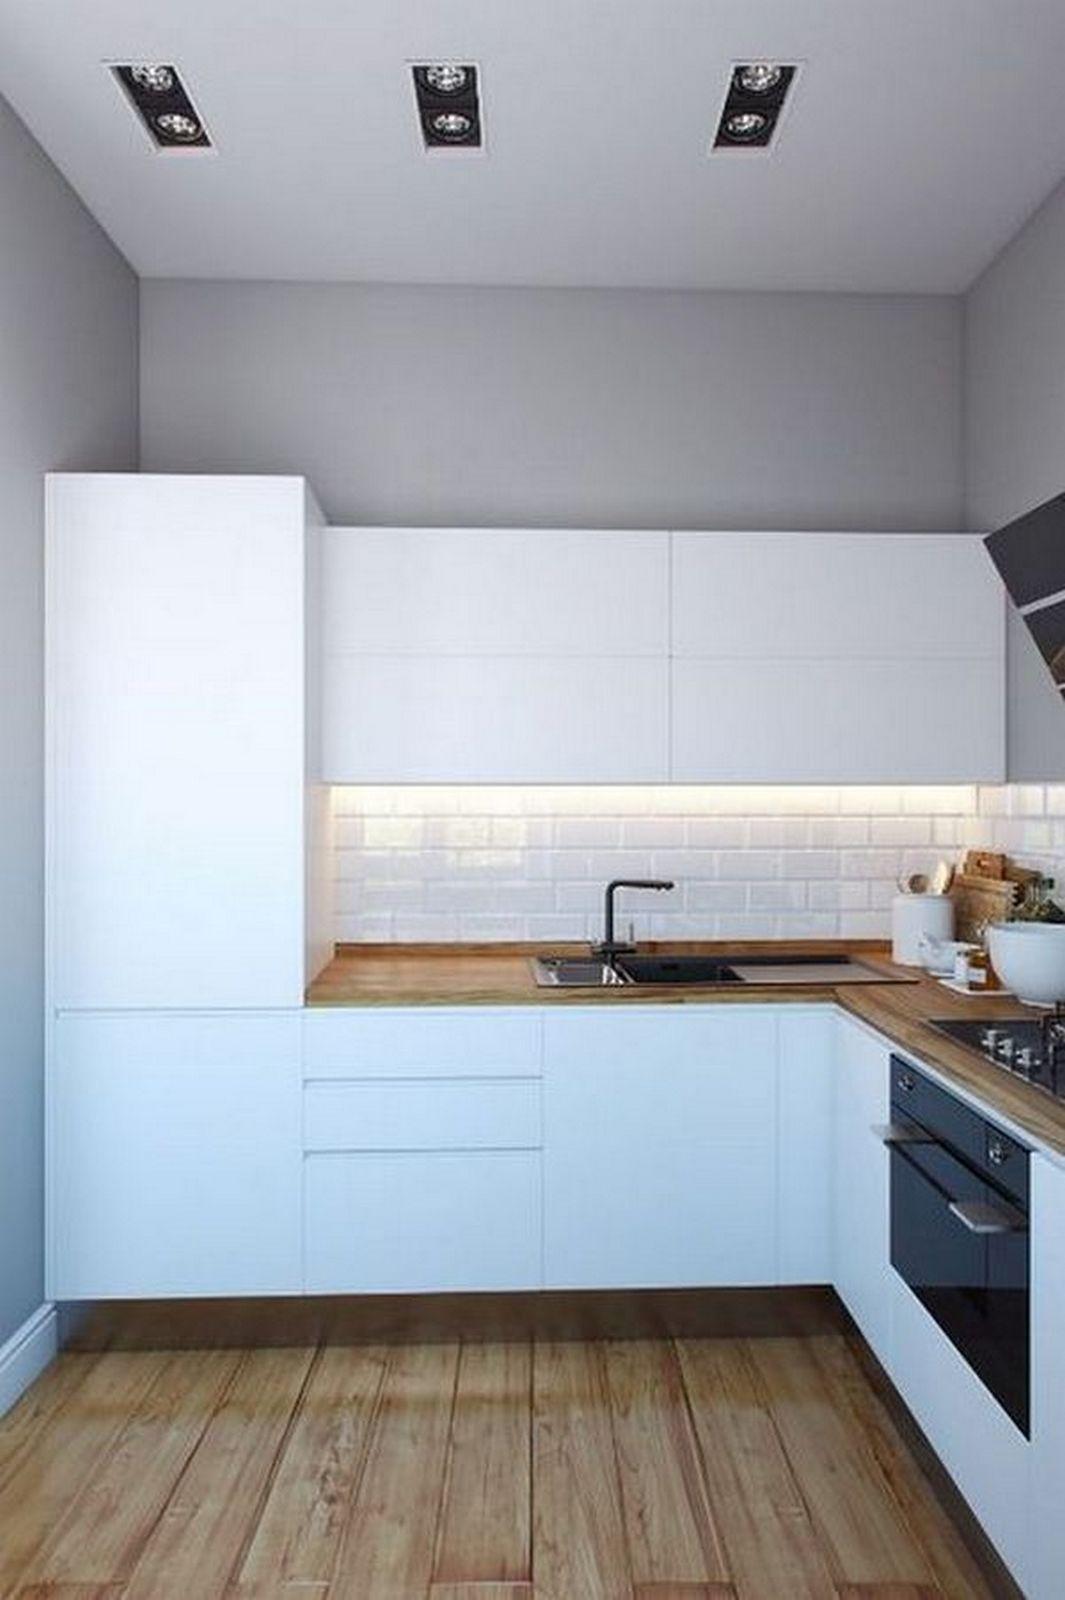 дизайн кухни гостиной в стиле хай тек фото